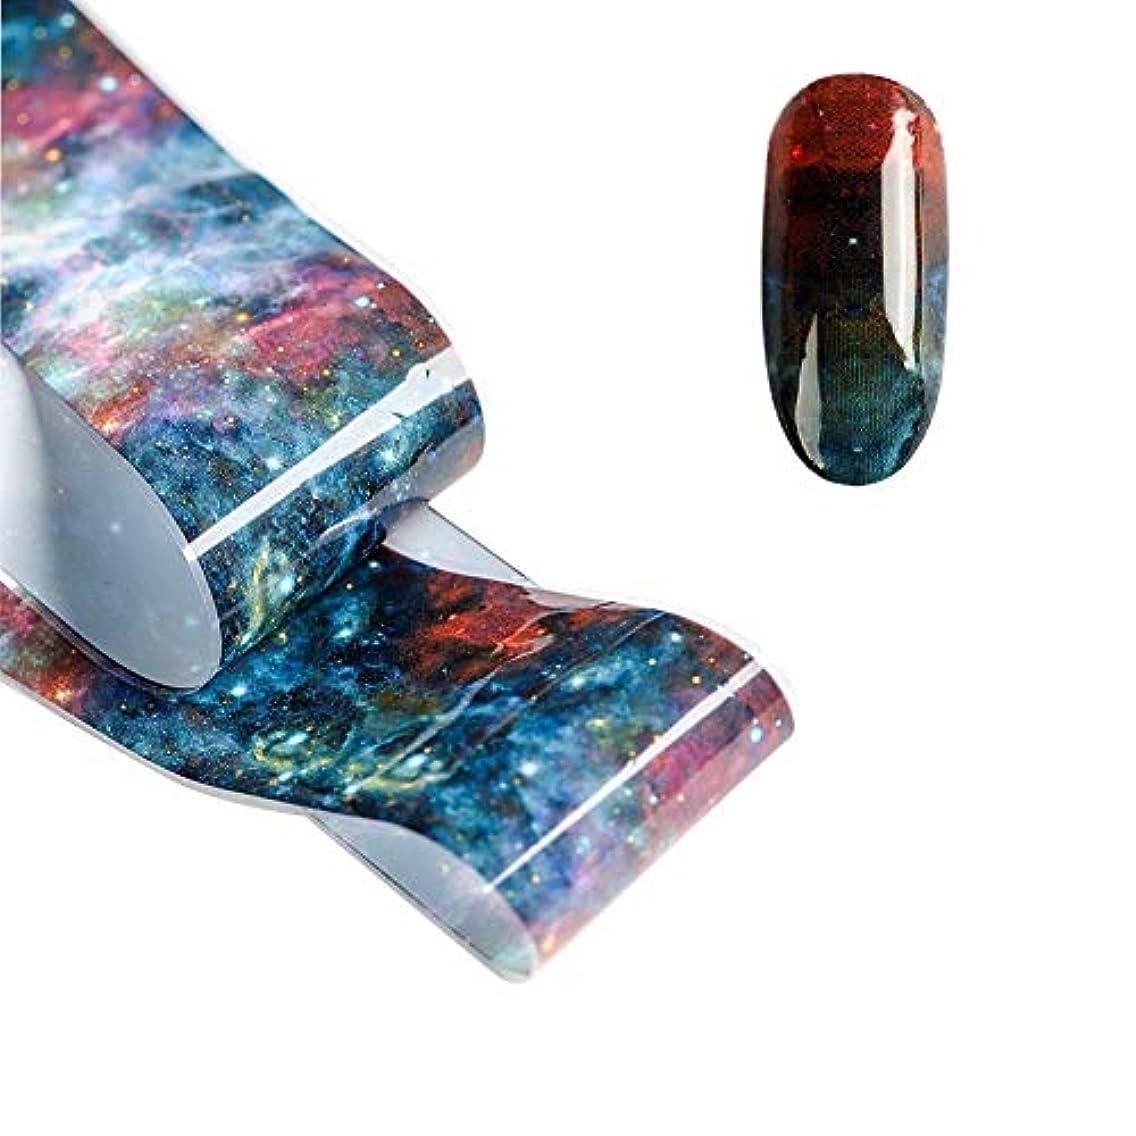 悪魔聞きます光電LITI ネイルシール 貝殻柄ネイルホイル 星空ネイル シェル 大理石 オーロラネイル ホログラム 転写ホイル 箔紙 シェルプリント 極薄フィルム 3D デザイン ネイル転印シール ネイルステッカー 可愛い